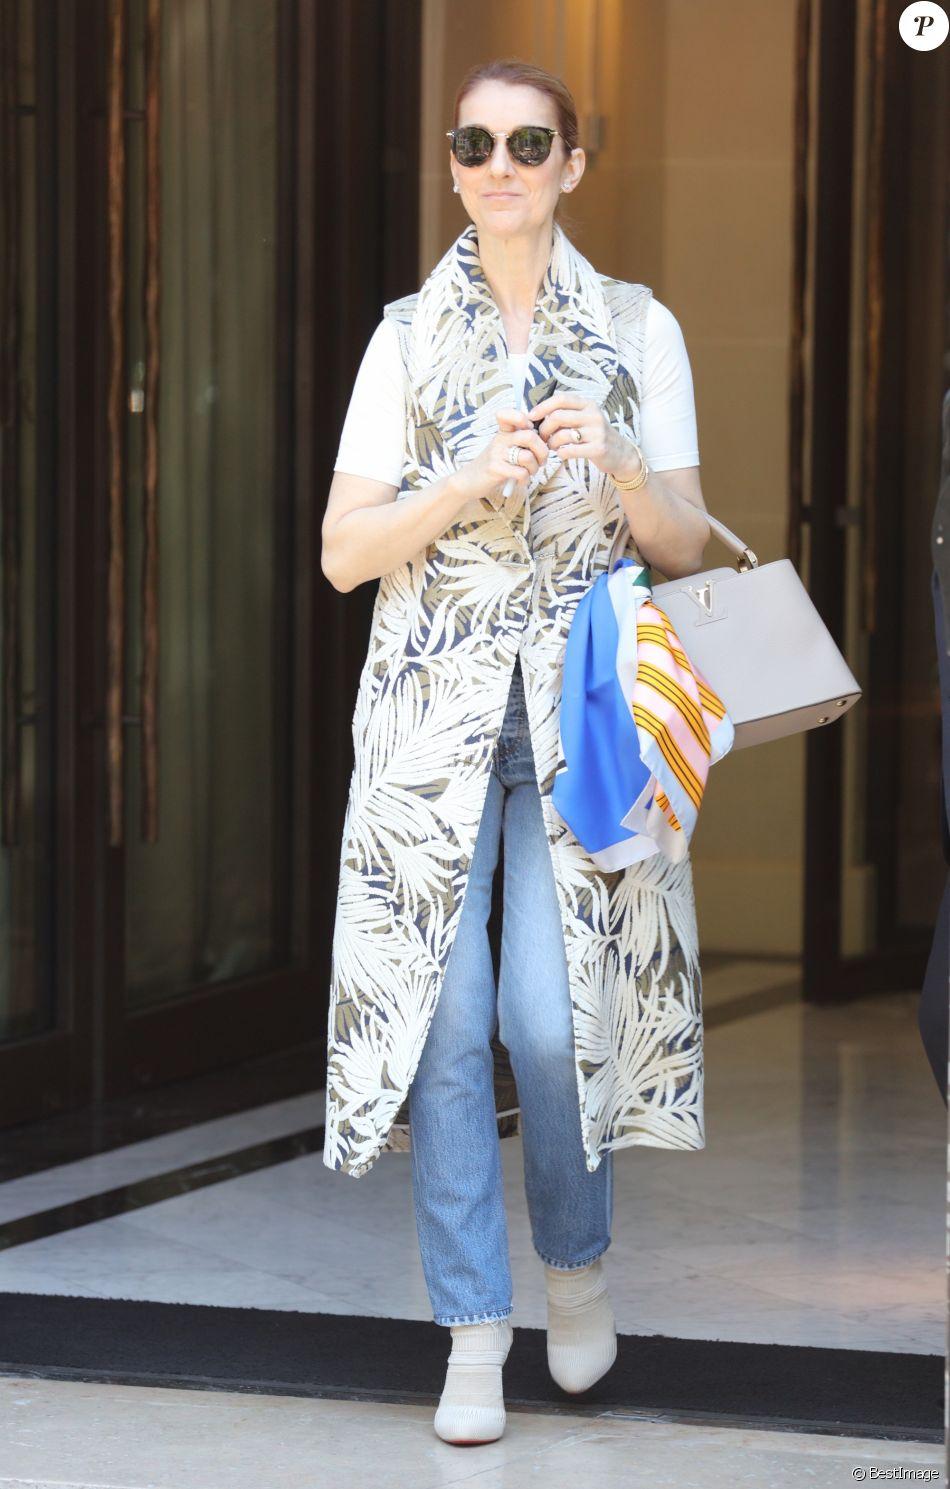 celine sunglasses paris 1yz5  C茅line Dion quitte son h么tel le Royal Monceau 脿 Paris le 7 juillet 2016